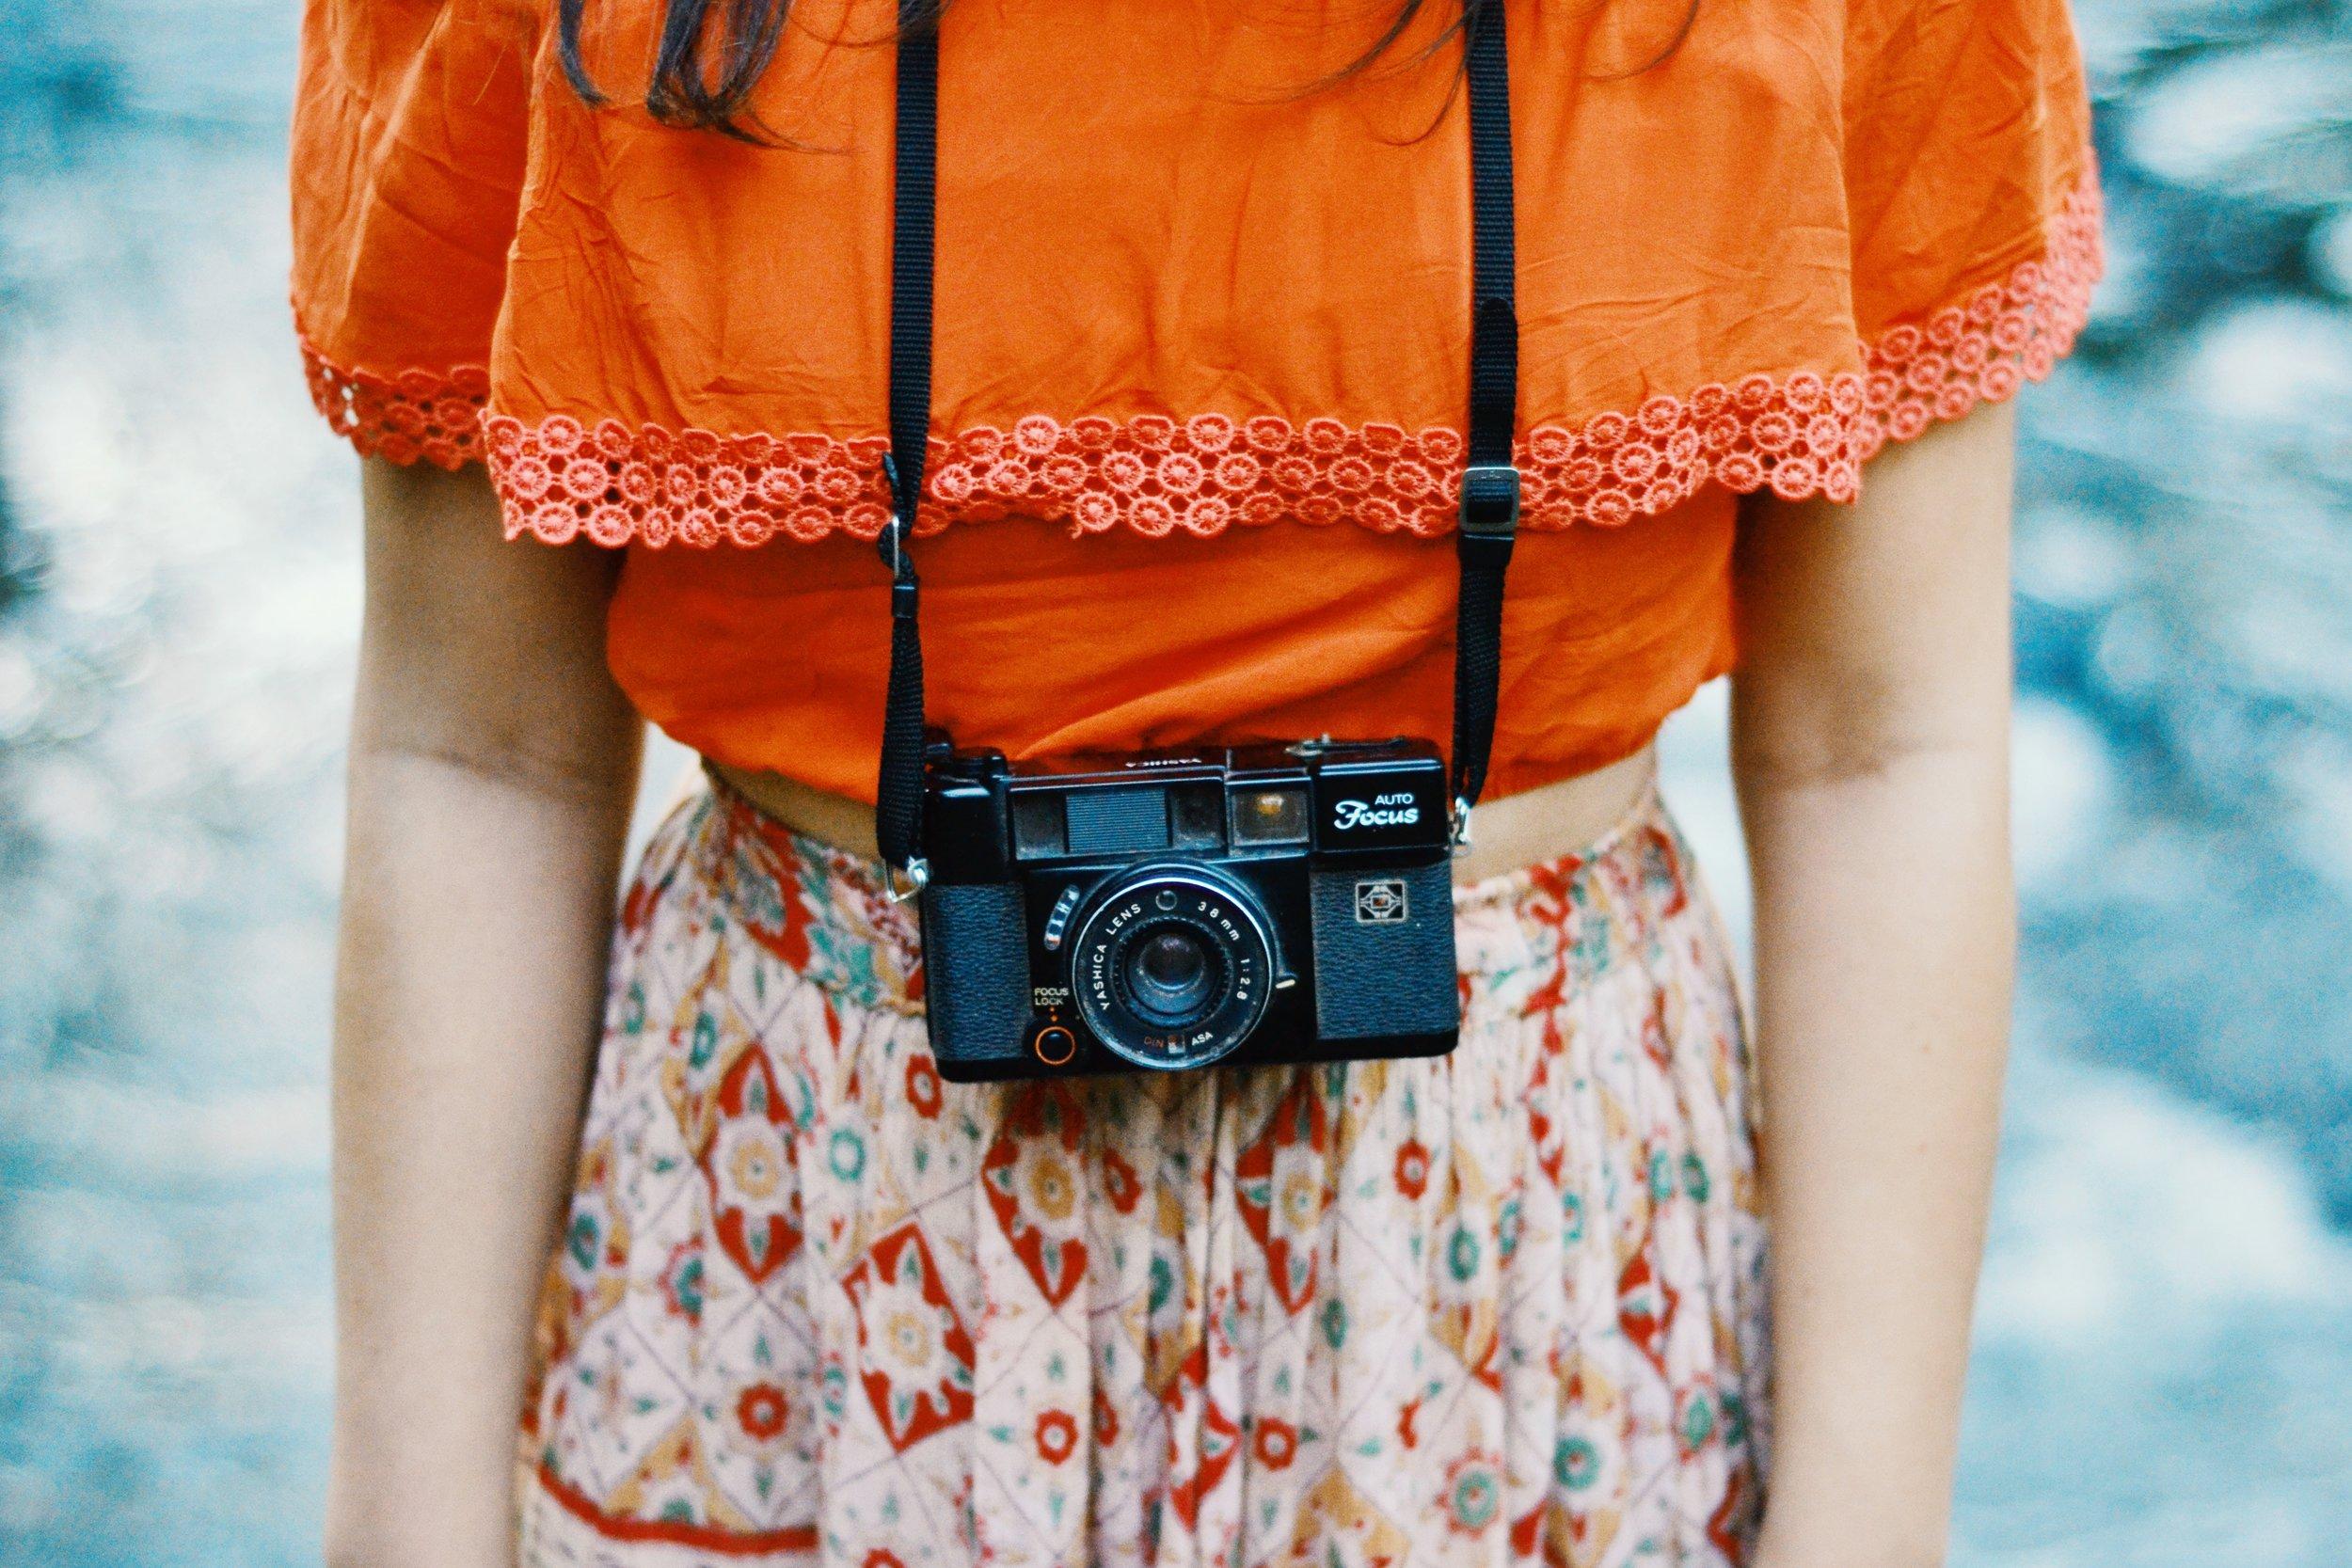 Photo by Camila Ccordeiro